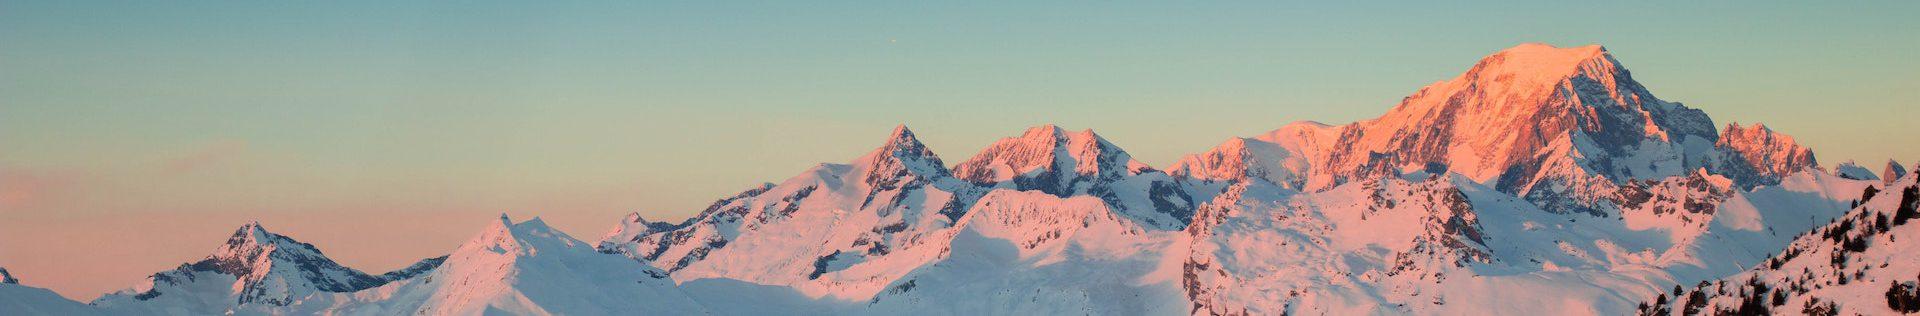 szczyty zaśnieżonych gór